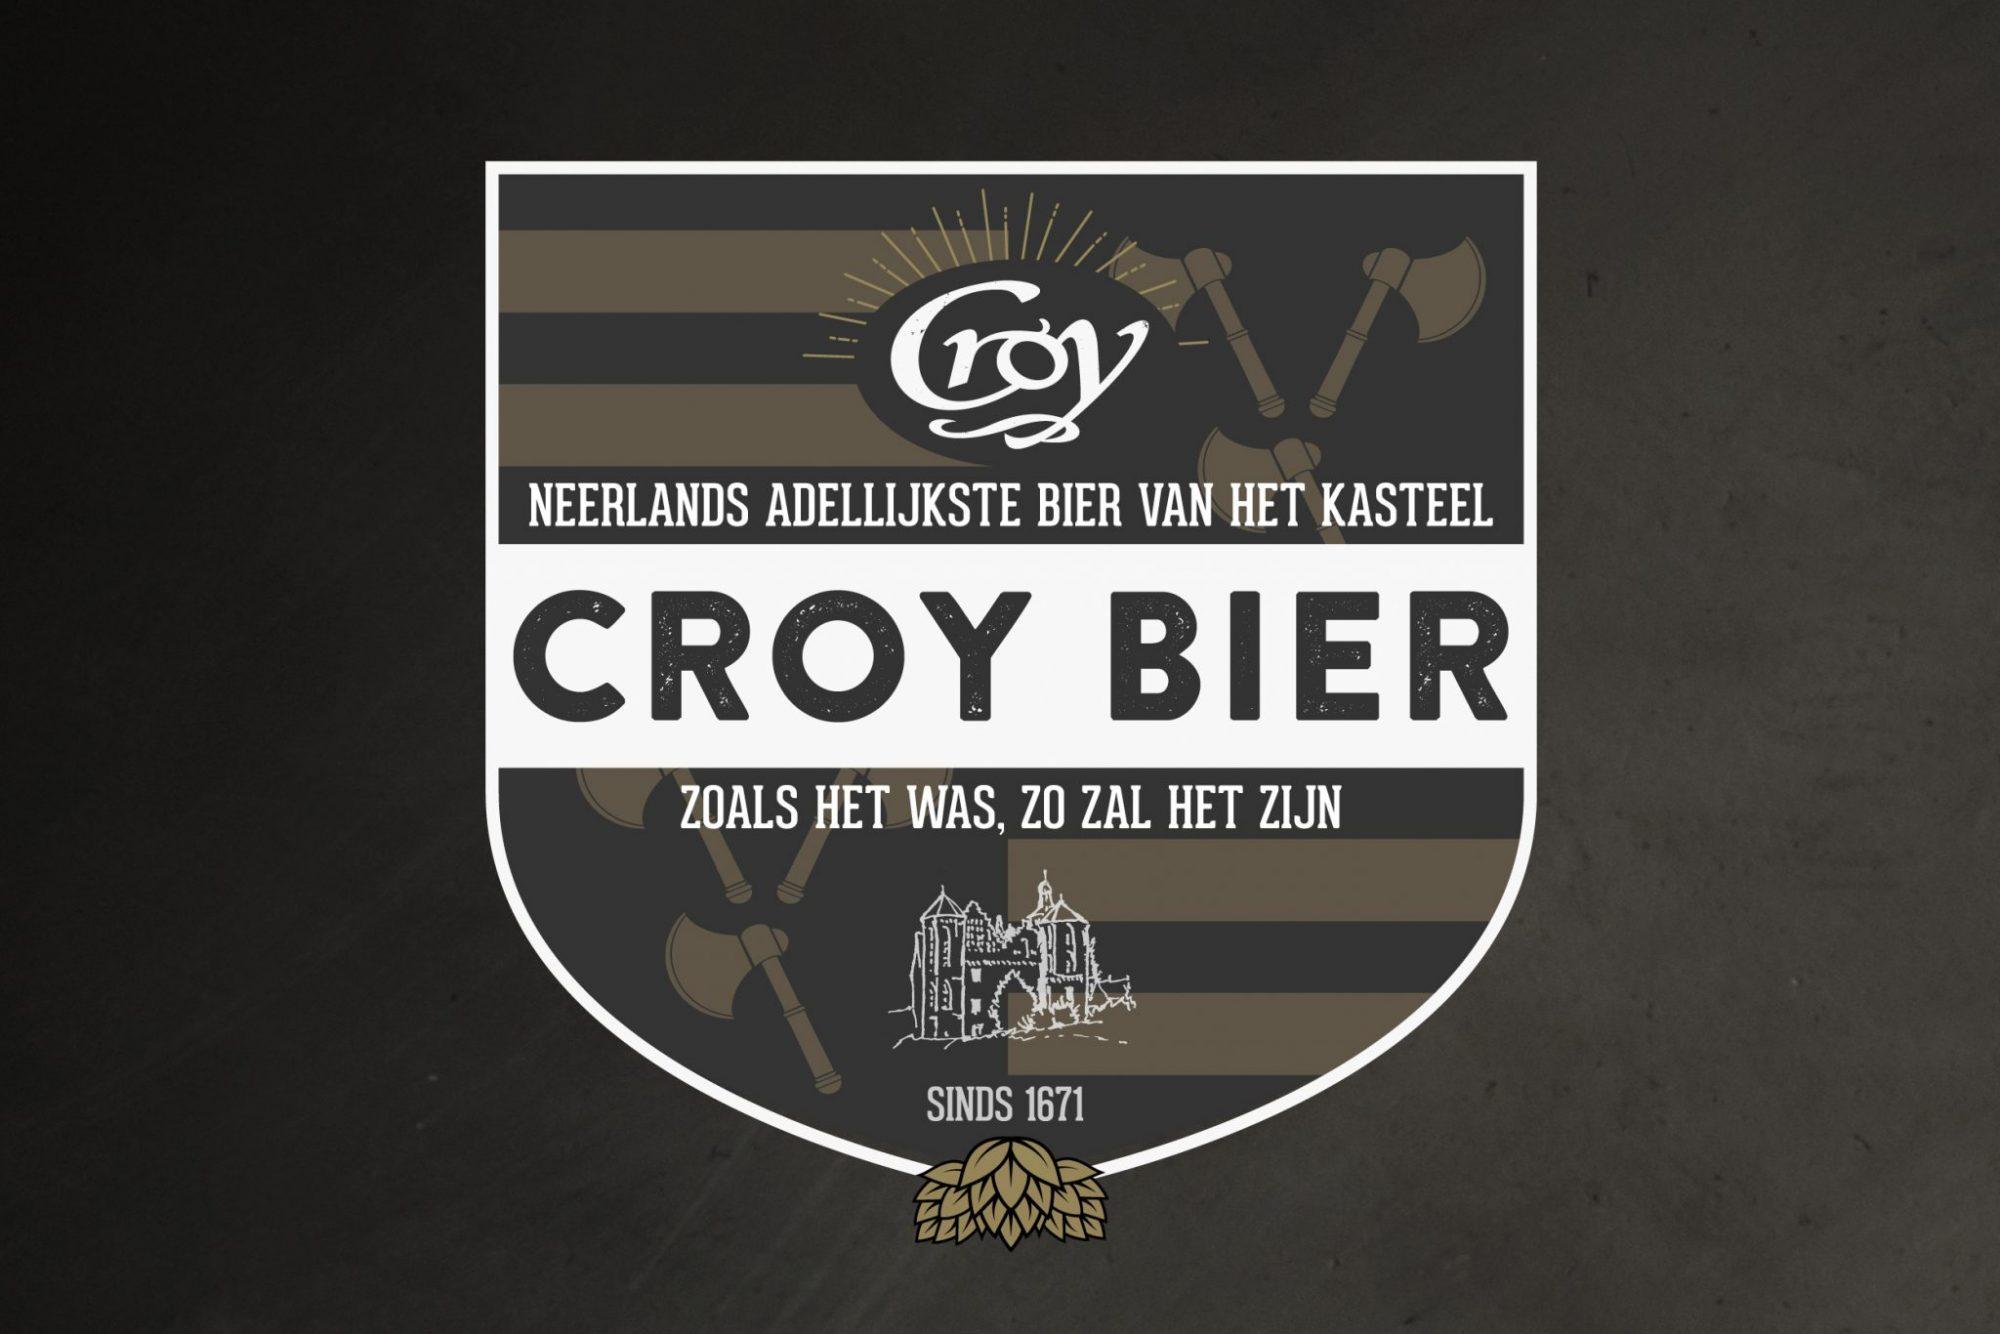 Croy Bier